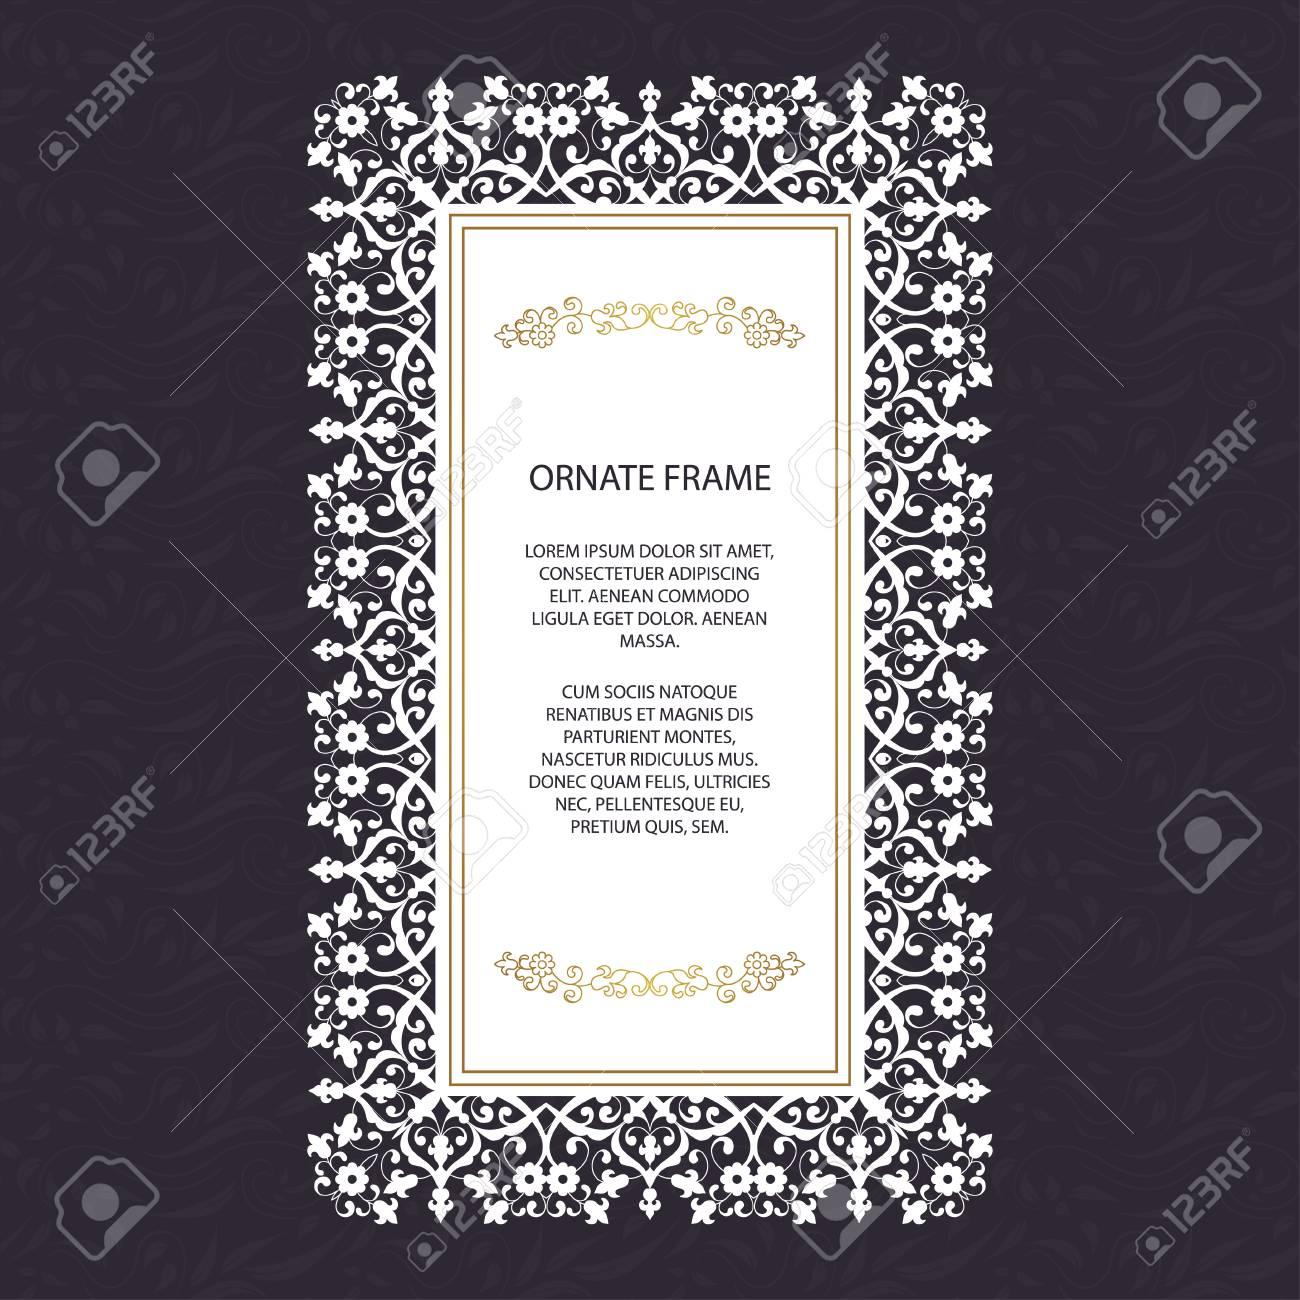 Brochure De Style Islamique Vintage élément élégant Pour Le Modèle De Conception Place Pour Le Texte Bordure Florale Décor Dentelle Pour